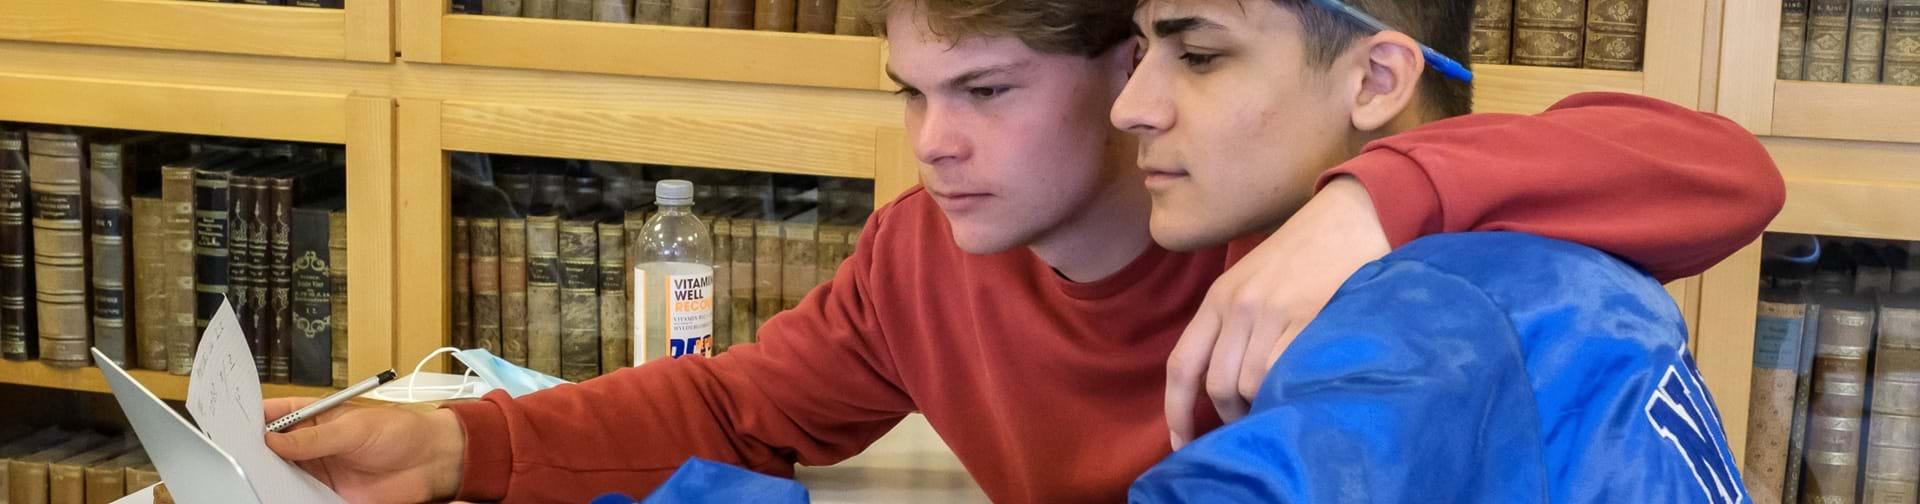 Studiekammerater i gang med en opgave